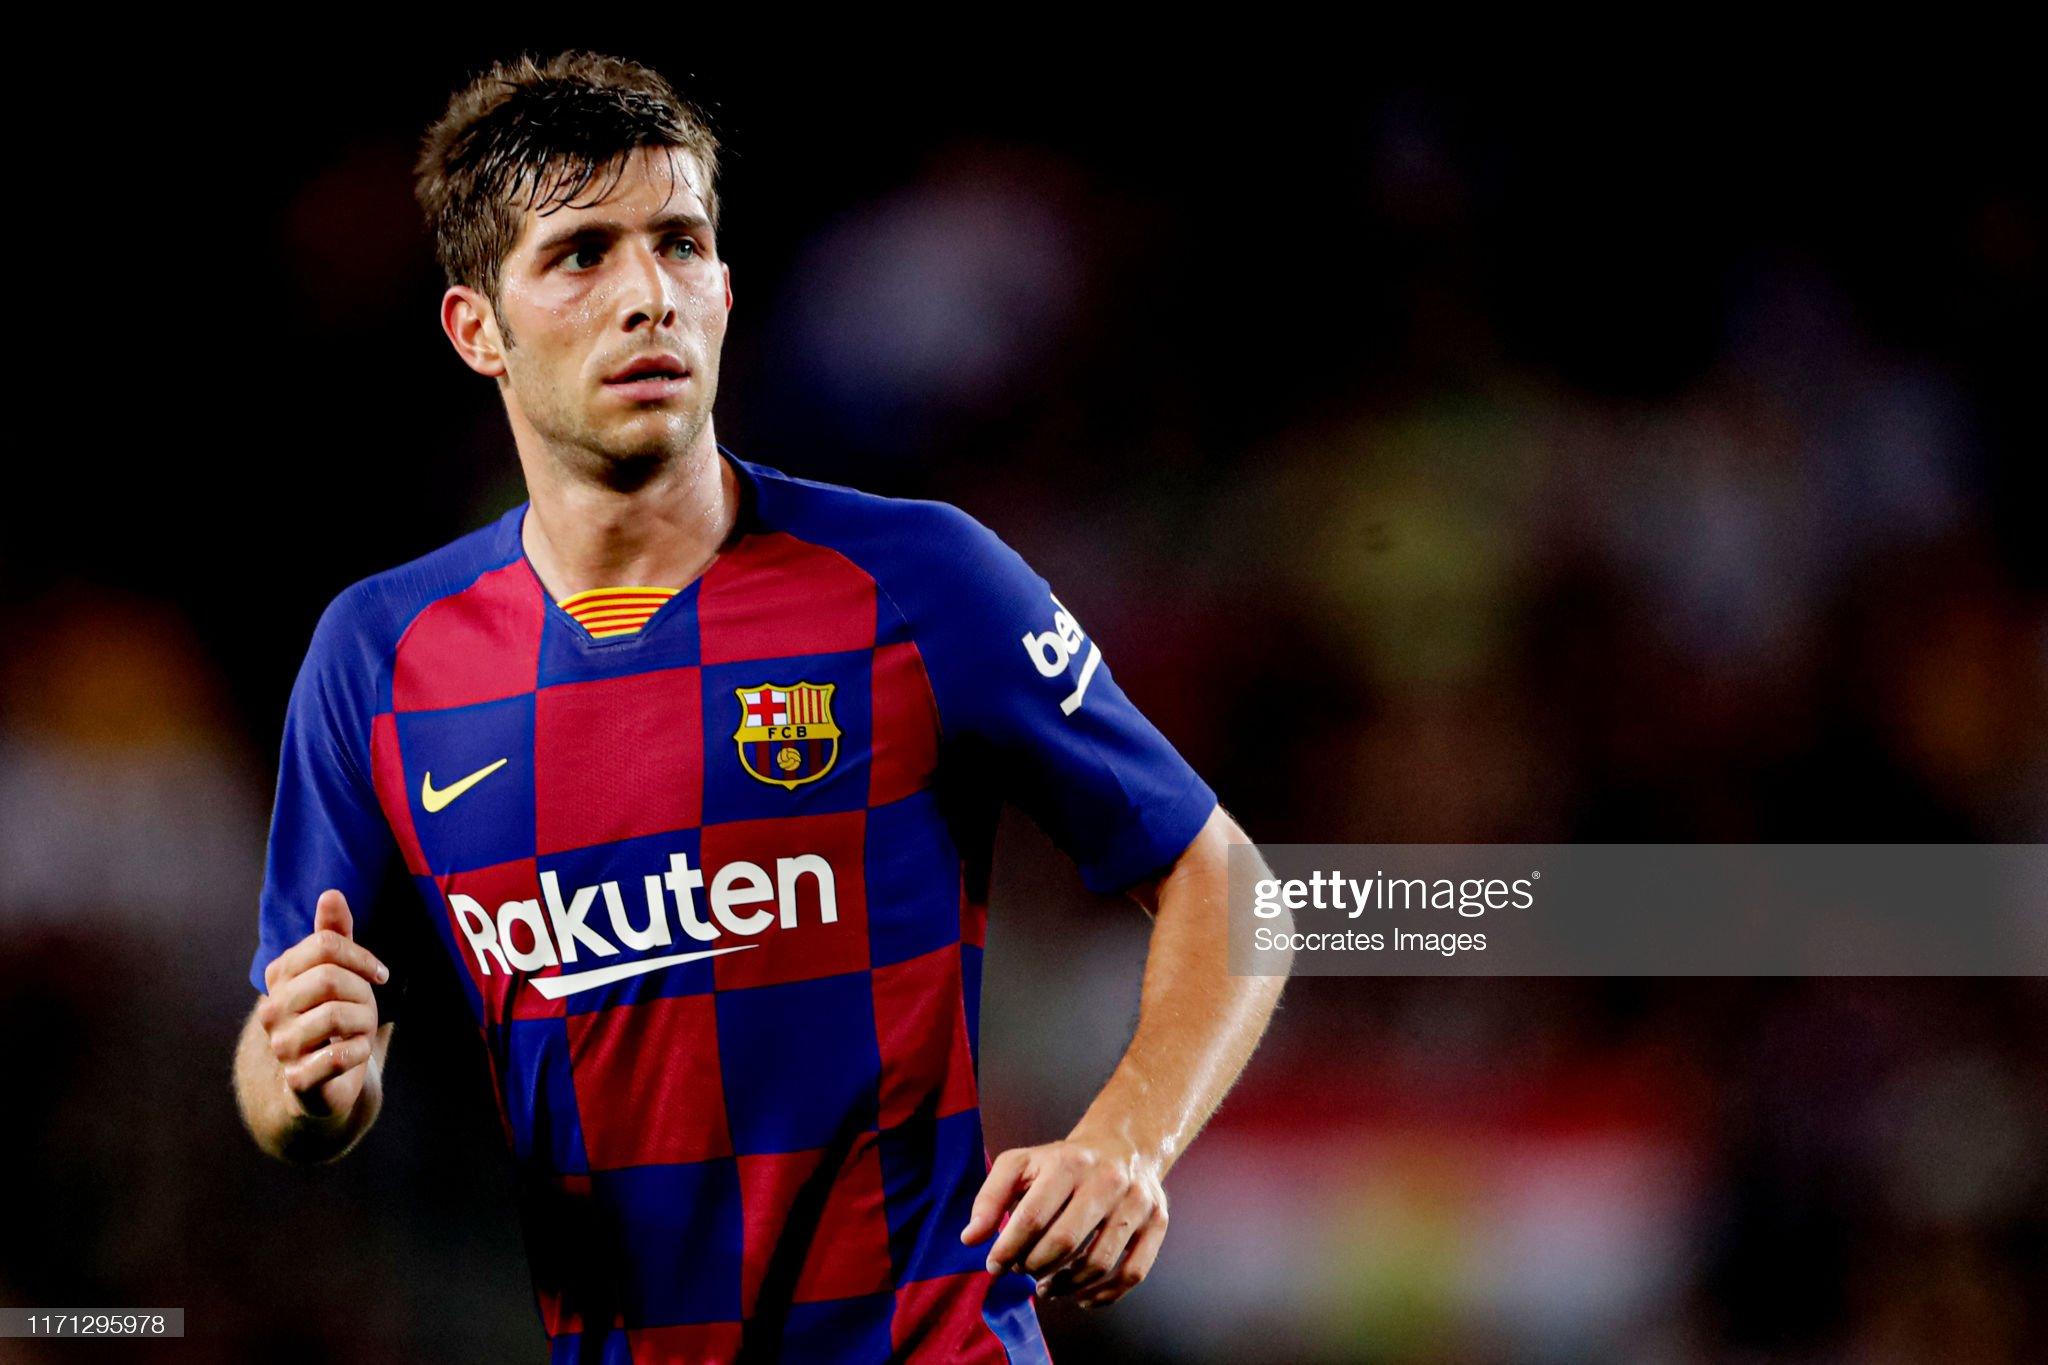 صور مباراة : برشلونة - فياريال 2-1 ( 24-09-2019 )  Sergi-roberto-of-fc-barcelona-during-the-la-liga-santander-match-fc-picture-id1171295978?s=2048x2048